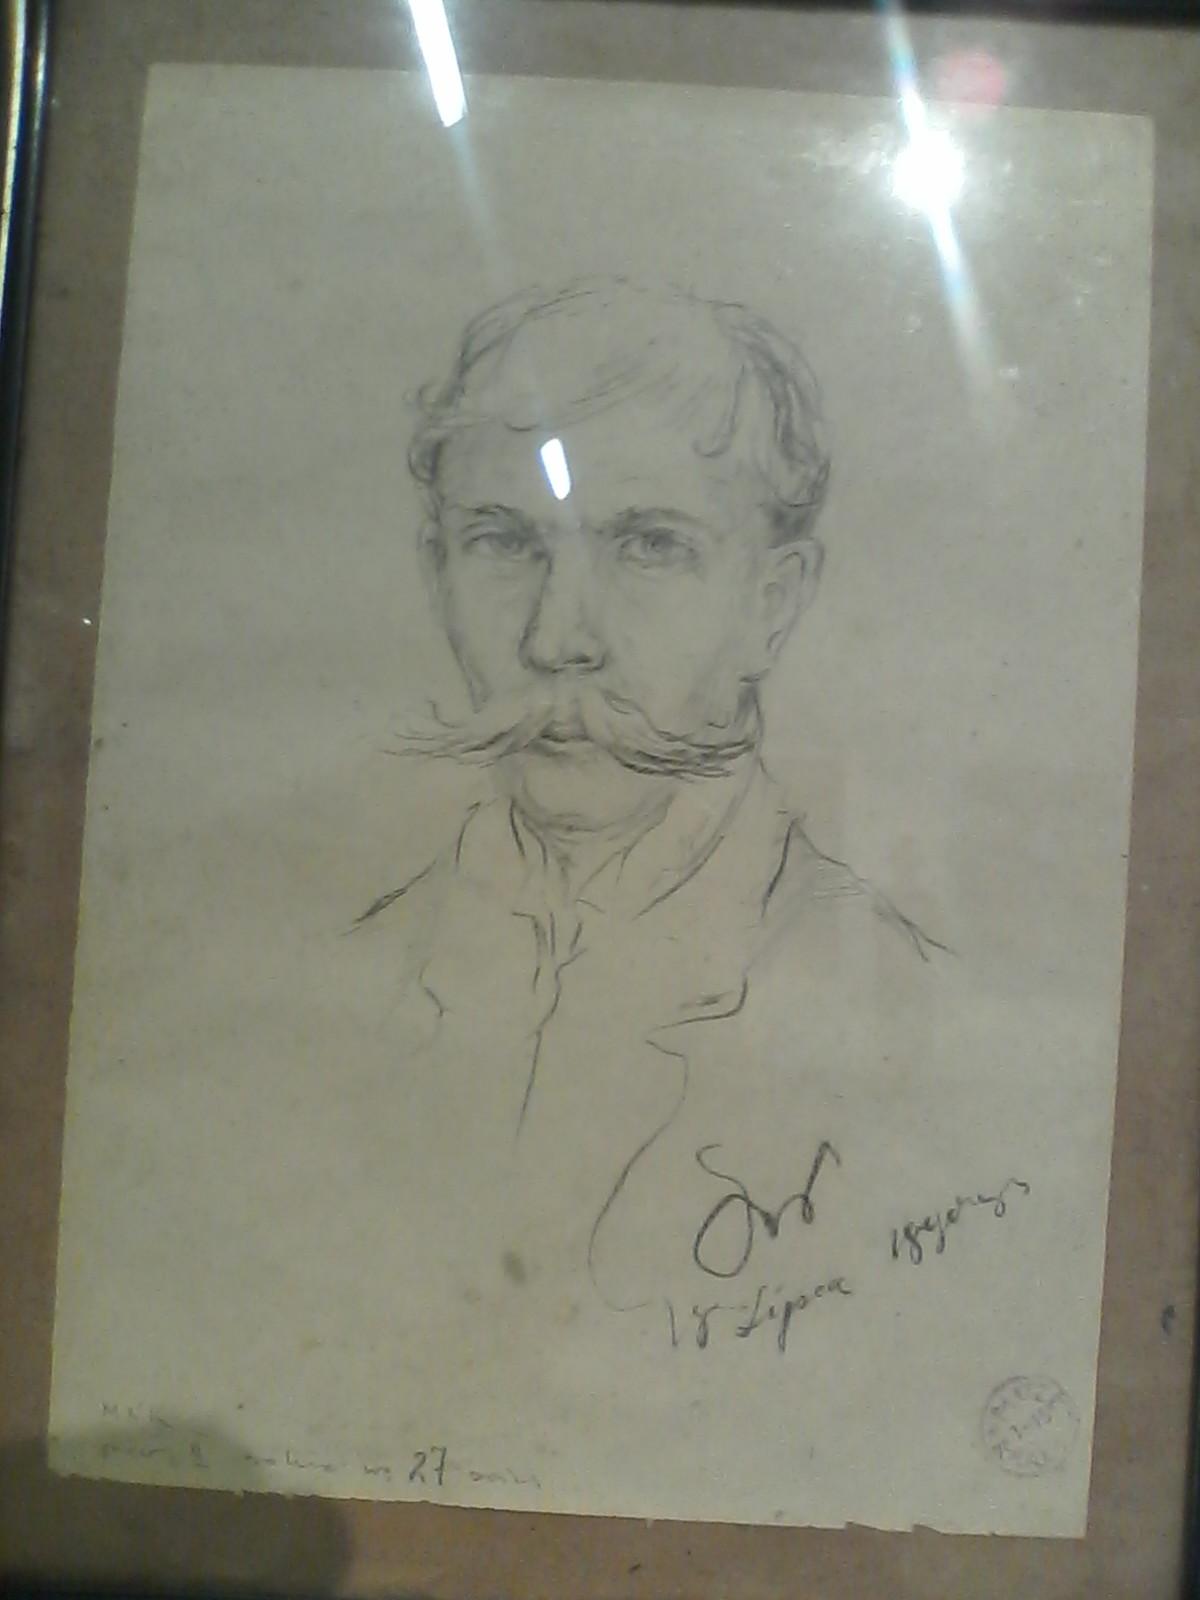 Robert Kuśmirowski, falsyfikat rysunku Stanisława Wyspiańskiego